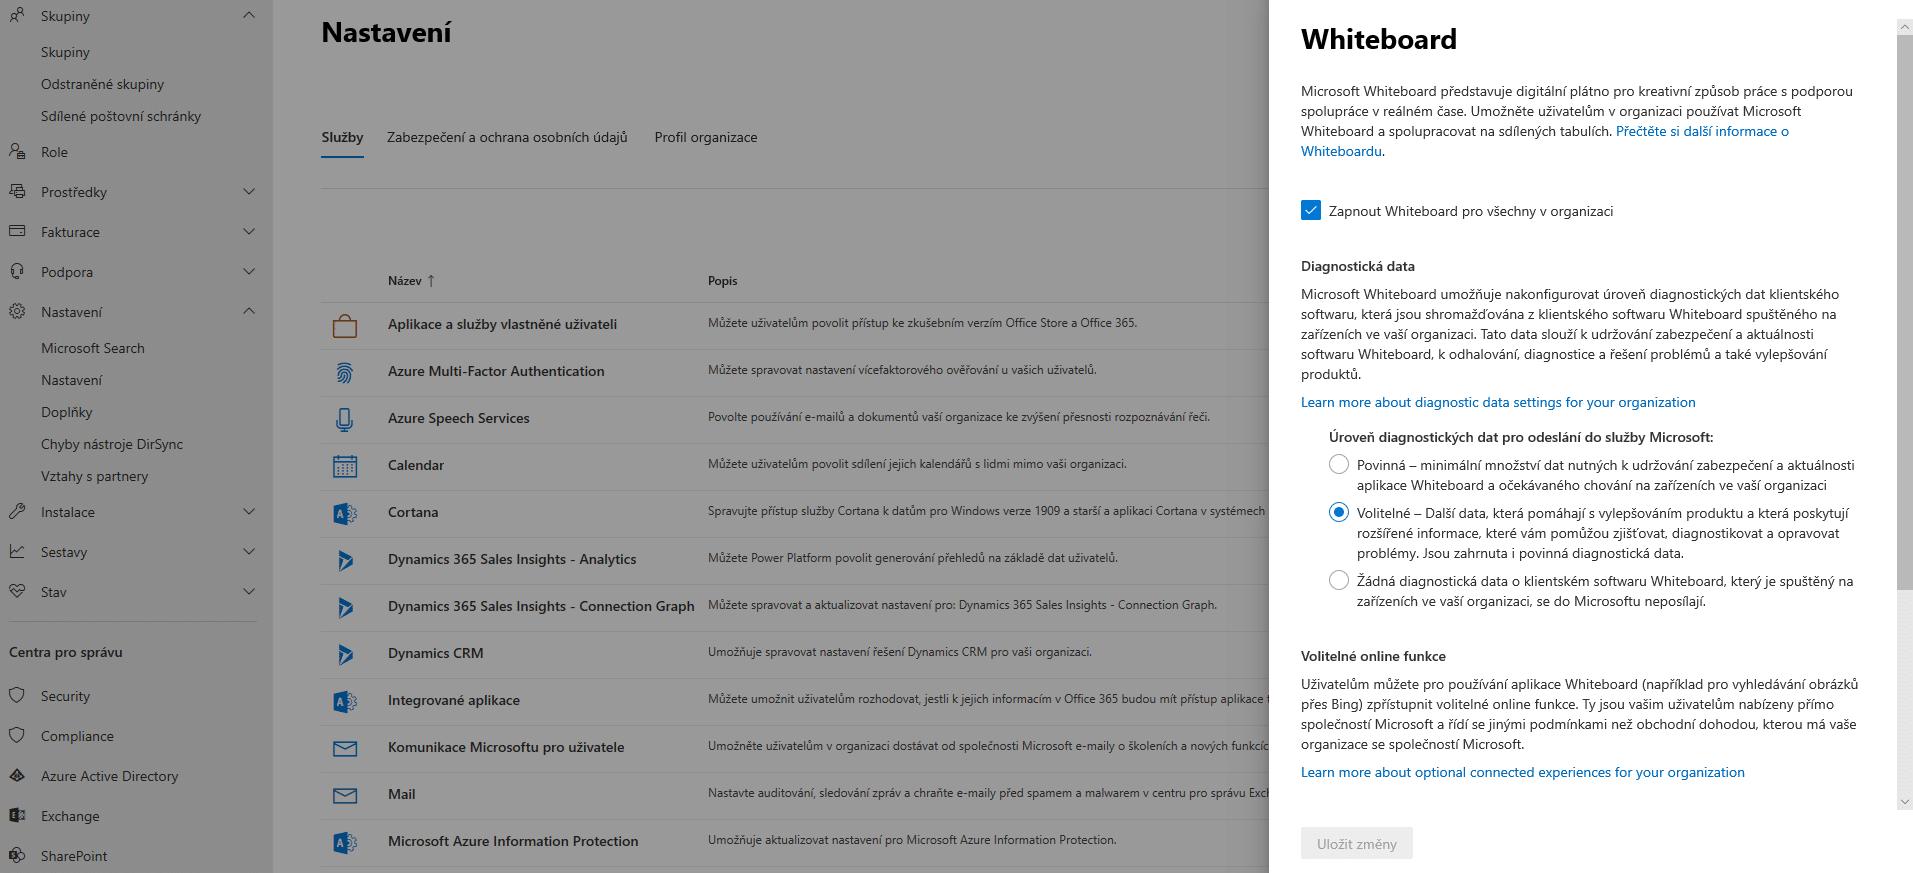 Microsoft Teams nastavení Whiteboard